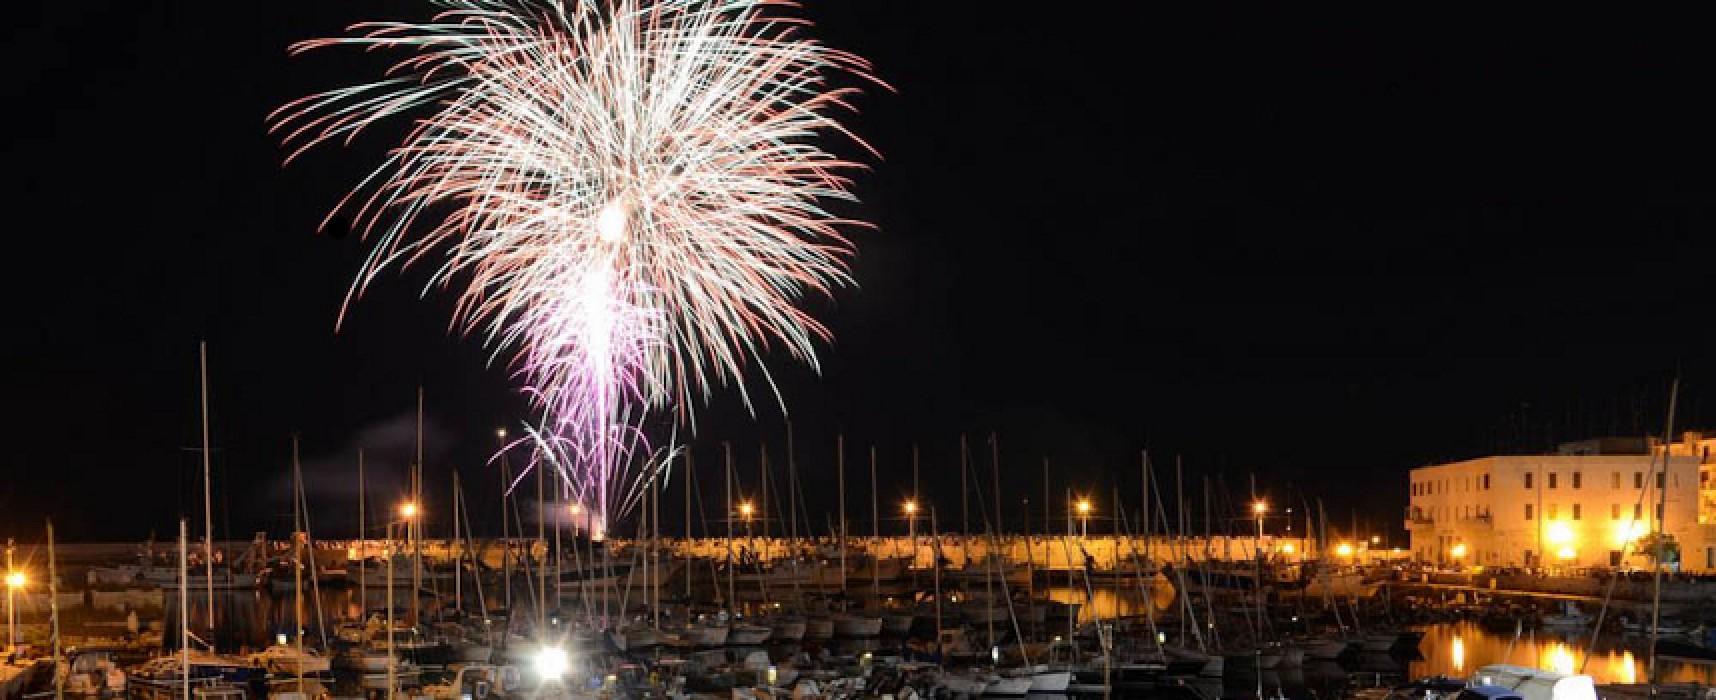 Festa patronale, il comune eroga altri 20.000 euro alla Commissione Diocesana feste patronali